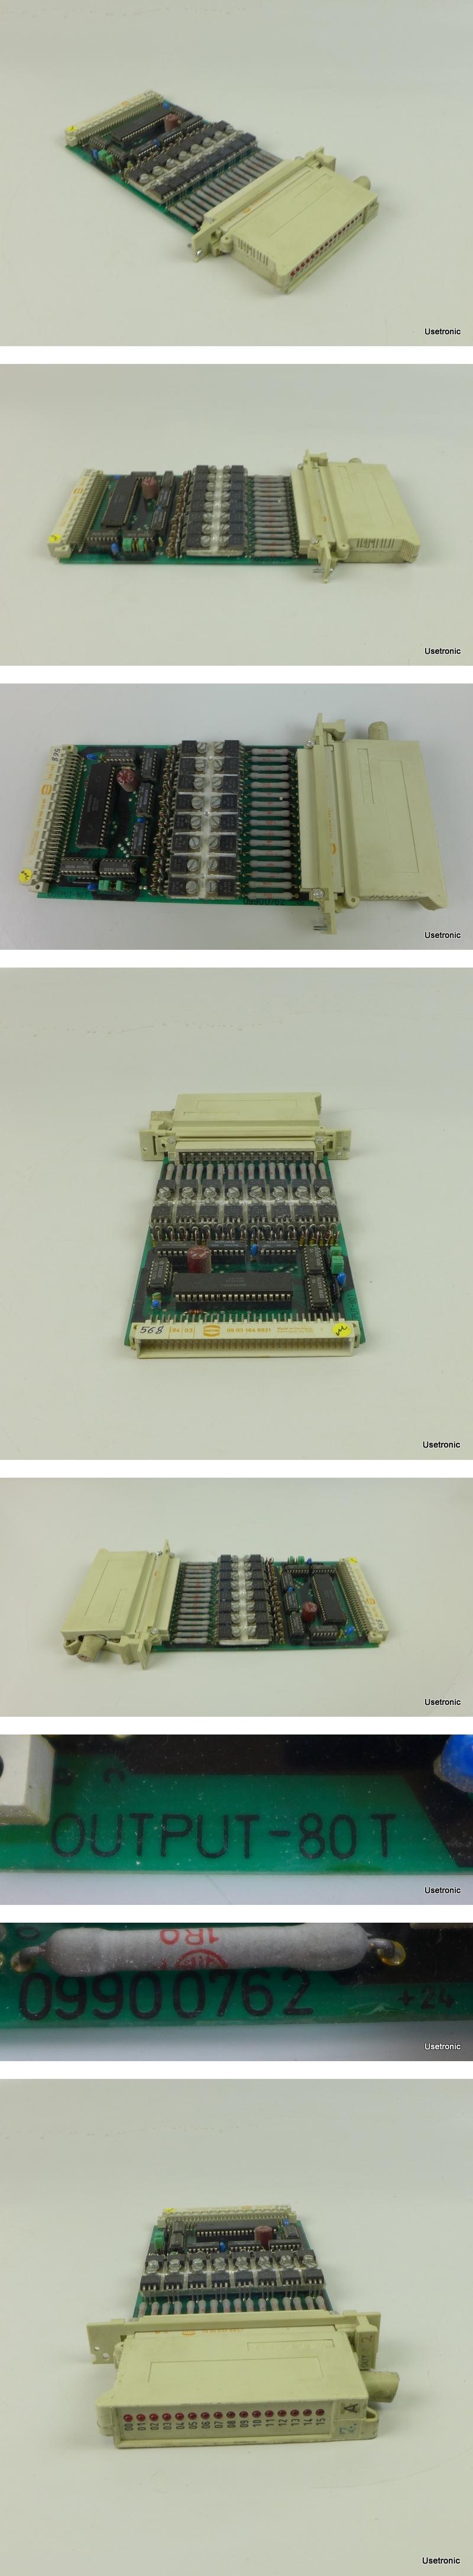 Ferrocontrol 09900762